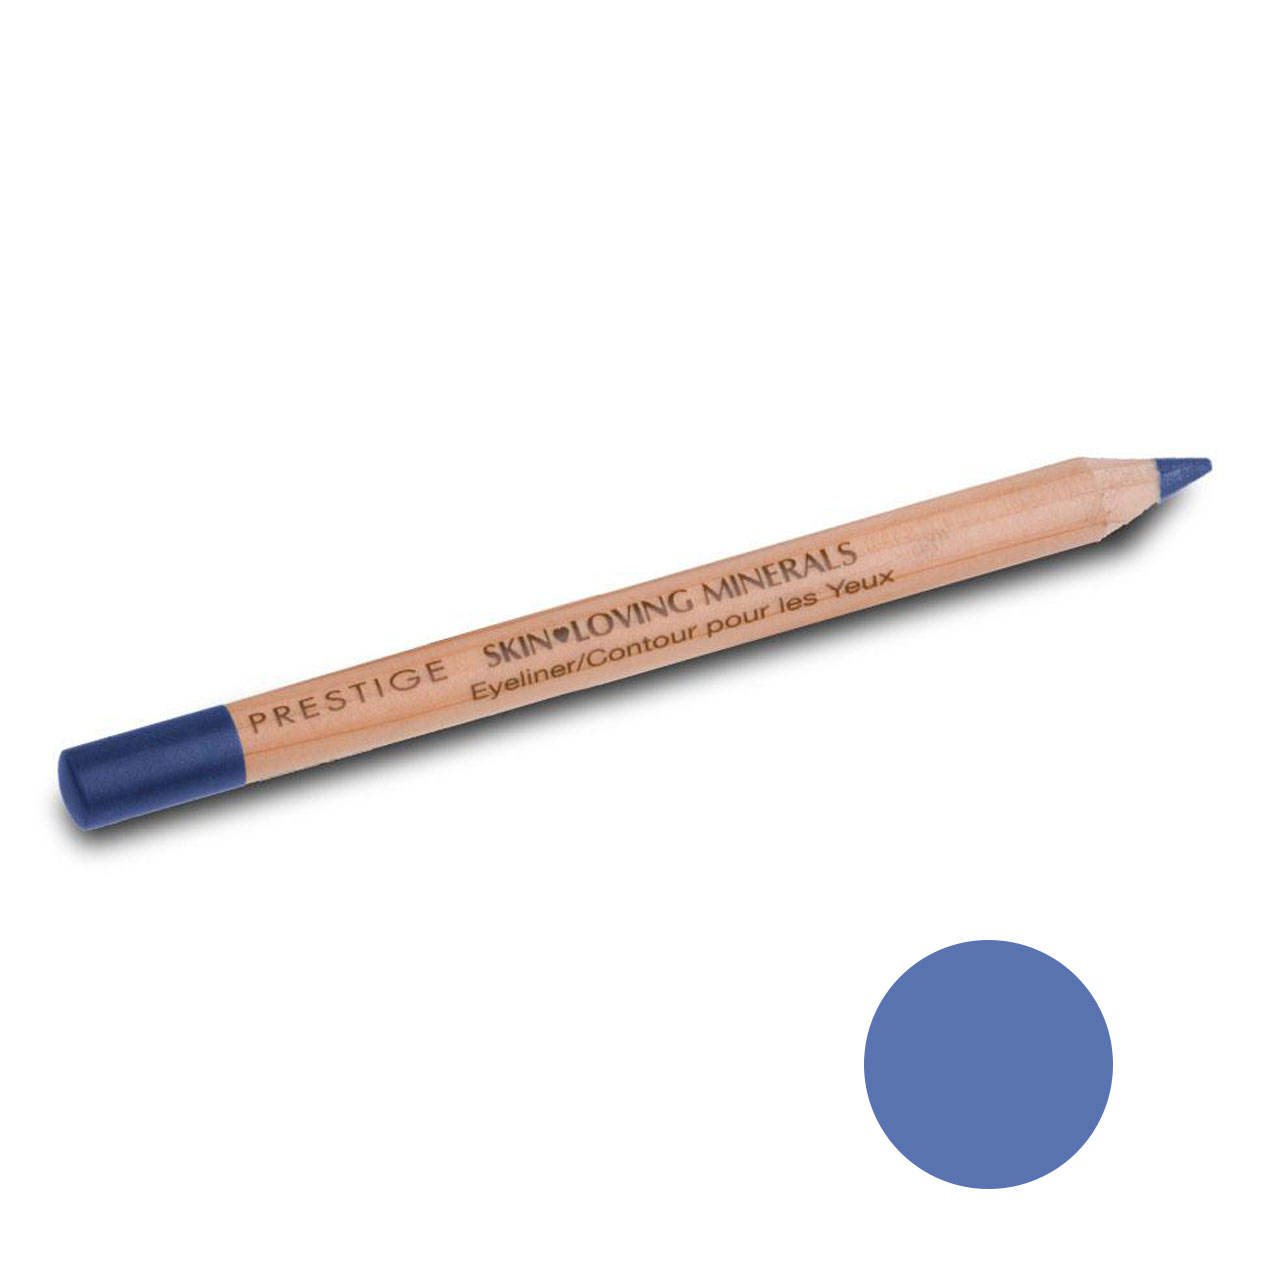 خرید مداد چشم پرستیژ مدل مینرال شماره MEP-03